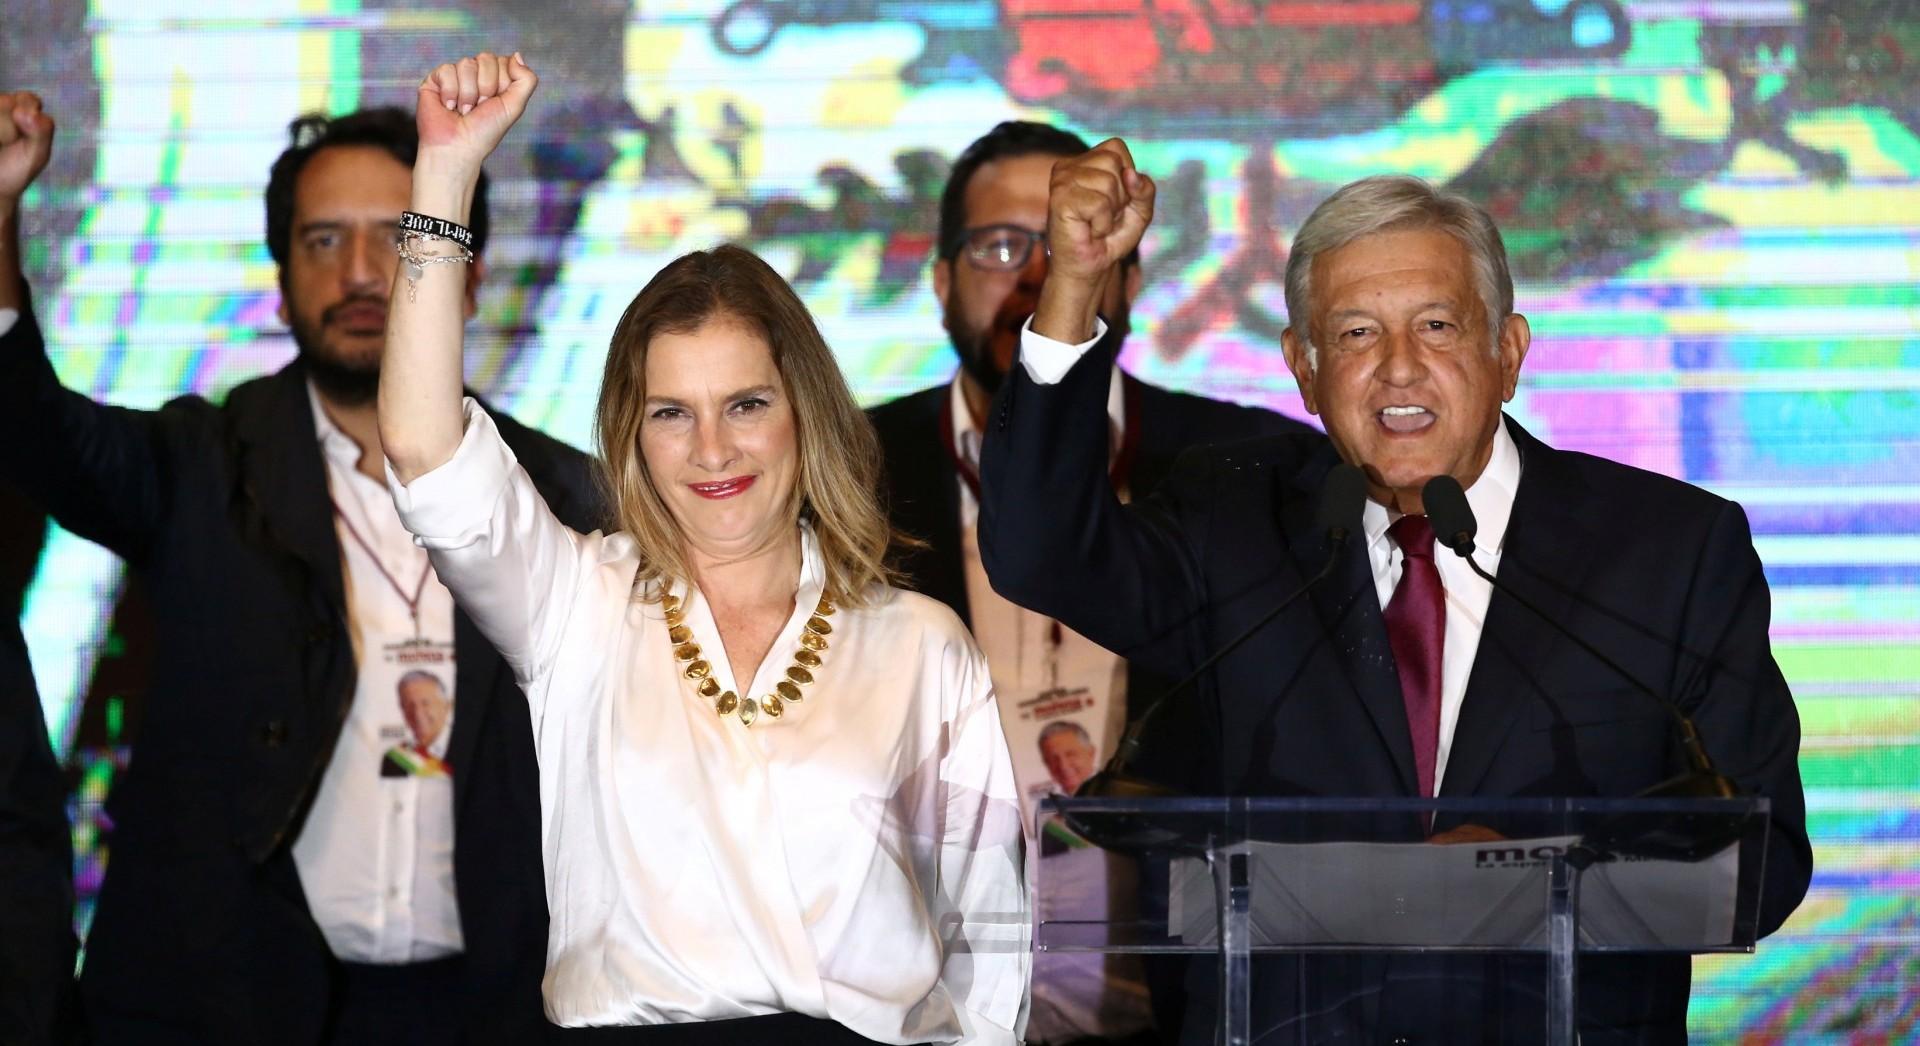 La esposa del presidente Andrés Manuel López Obrador, cree que debe eliminarse el rol de primera dama (Foto: Archivo)